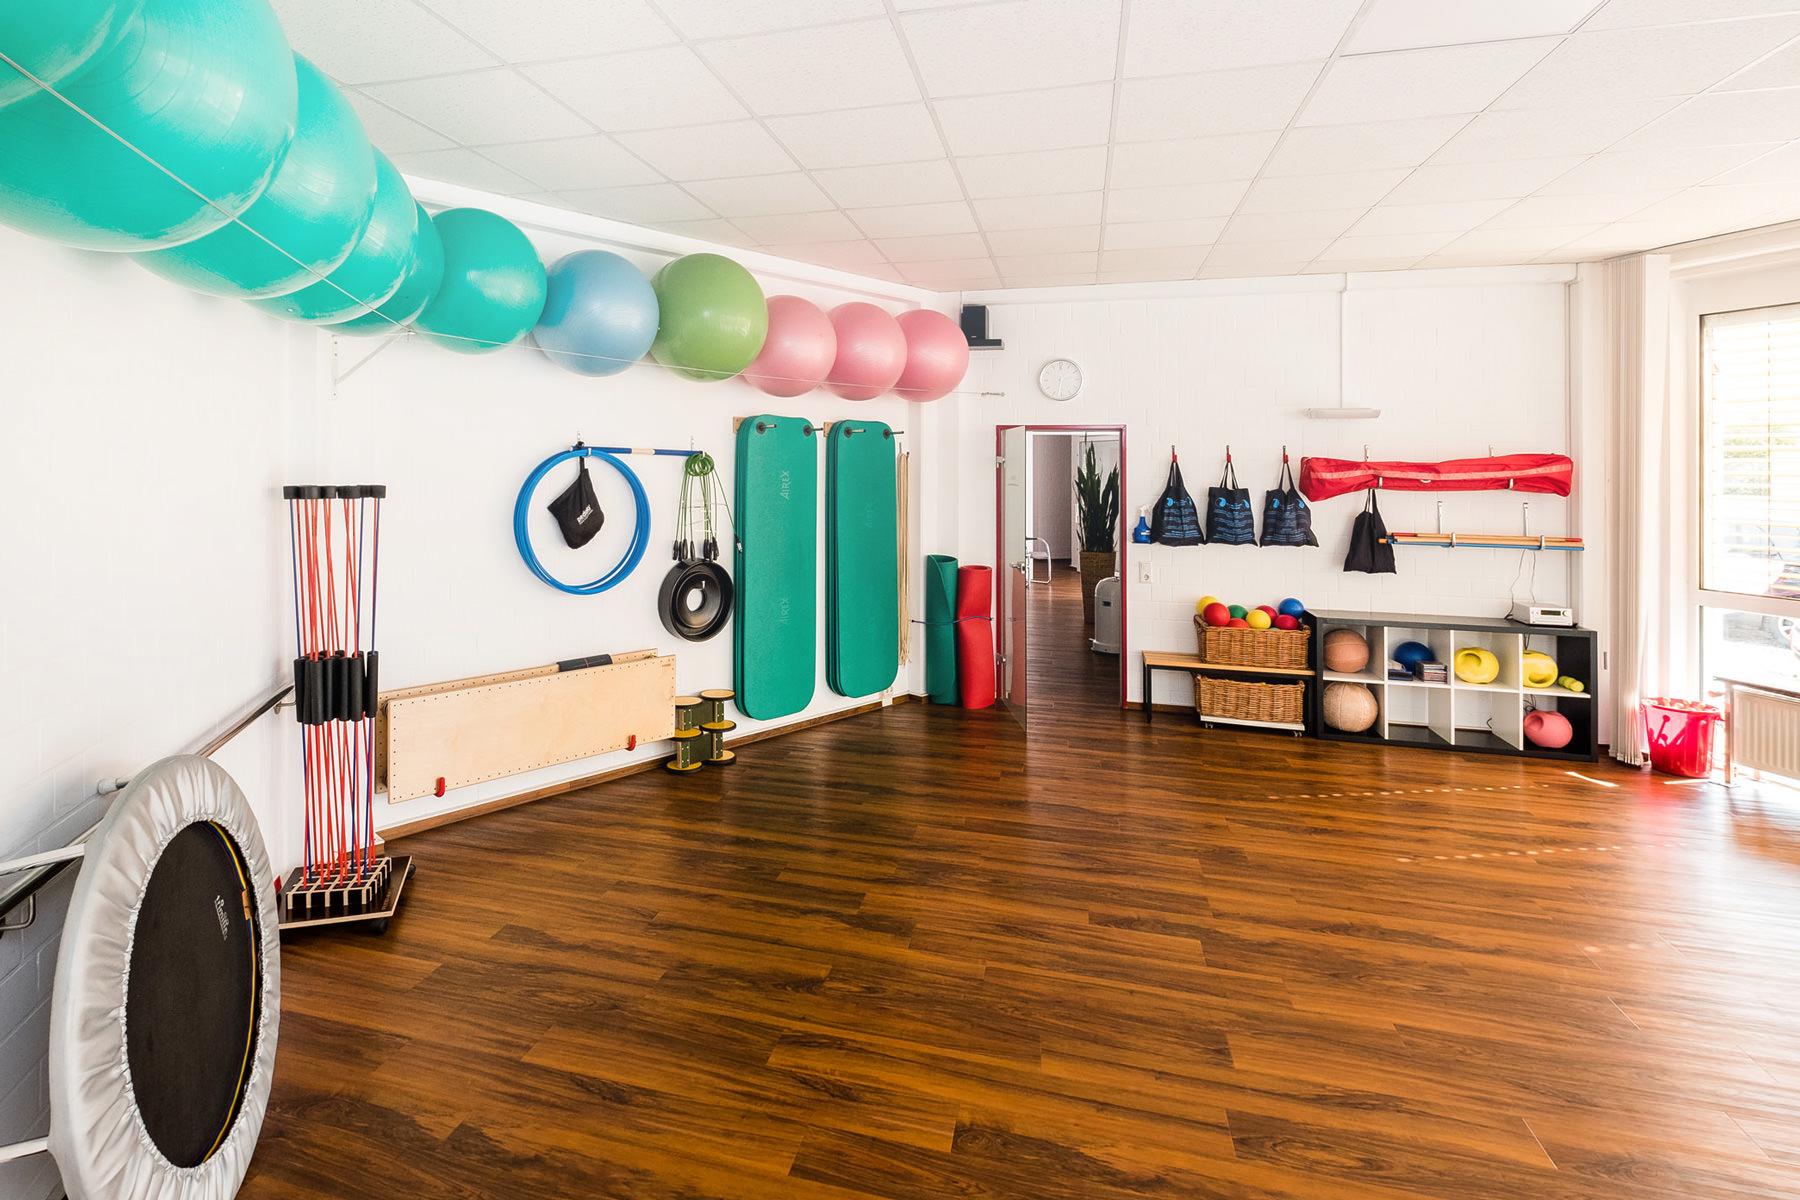 physiotherapie praxis und reha sport ortkra in steinhagen. Black Bedroom Furniture Sets. Home Design Ideas